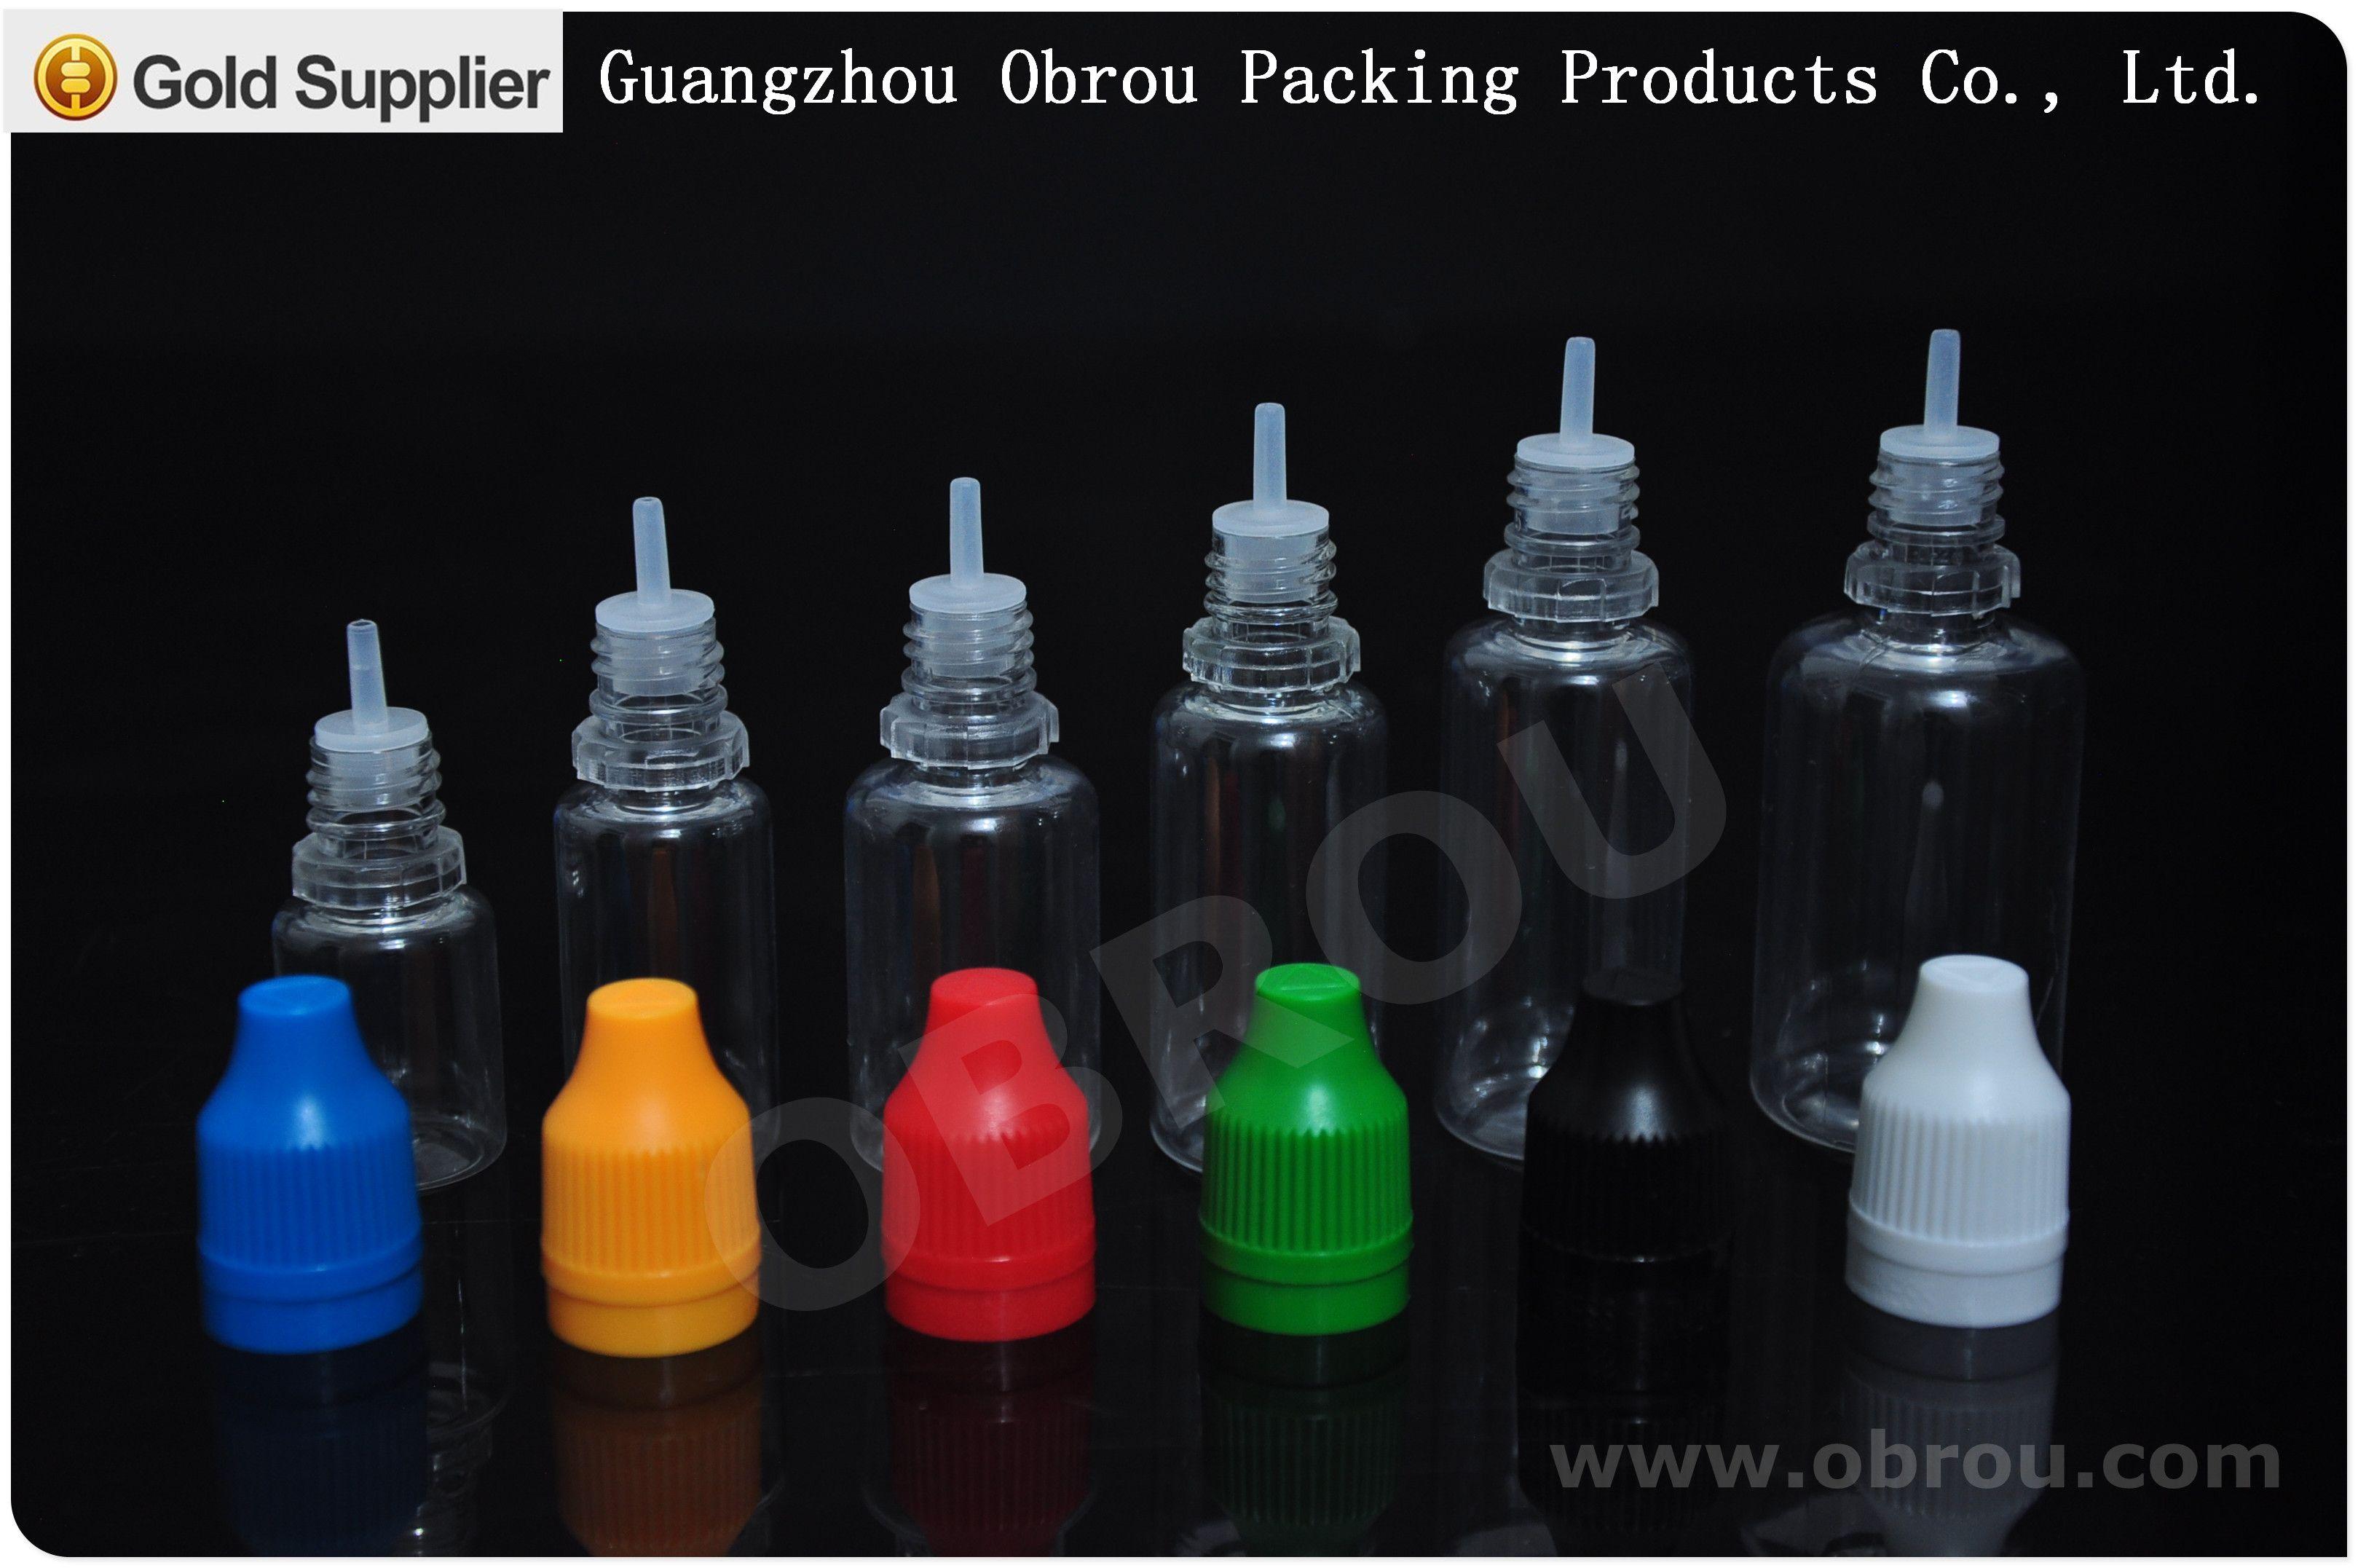 Empty Plastic Bottle 10ml 20ml 30ml Transparent Pet E Liquid Bottle 10ml E Juice Childproof Cap Dropper Bottle Empty Plastic Bottles Plastic Bottles Bottle